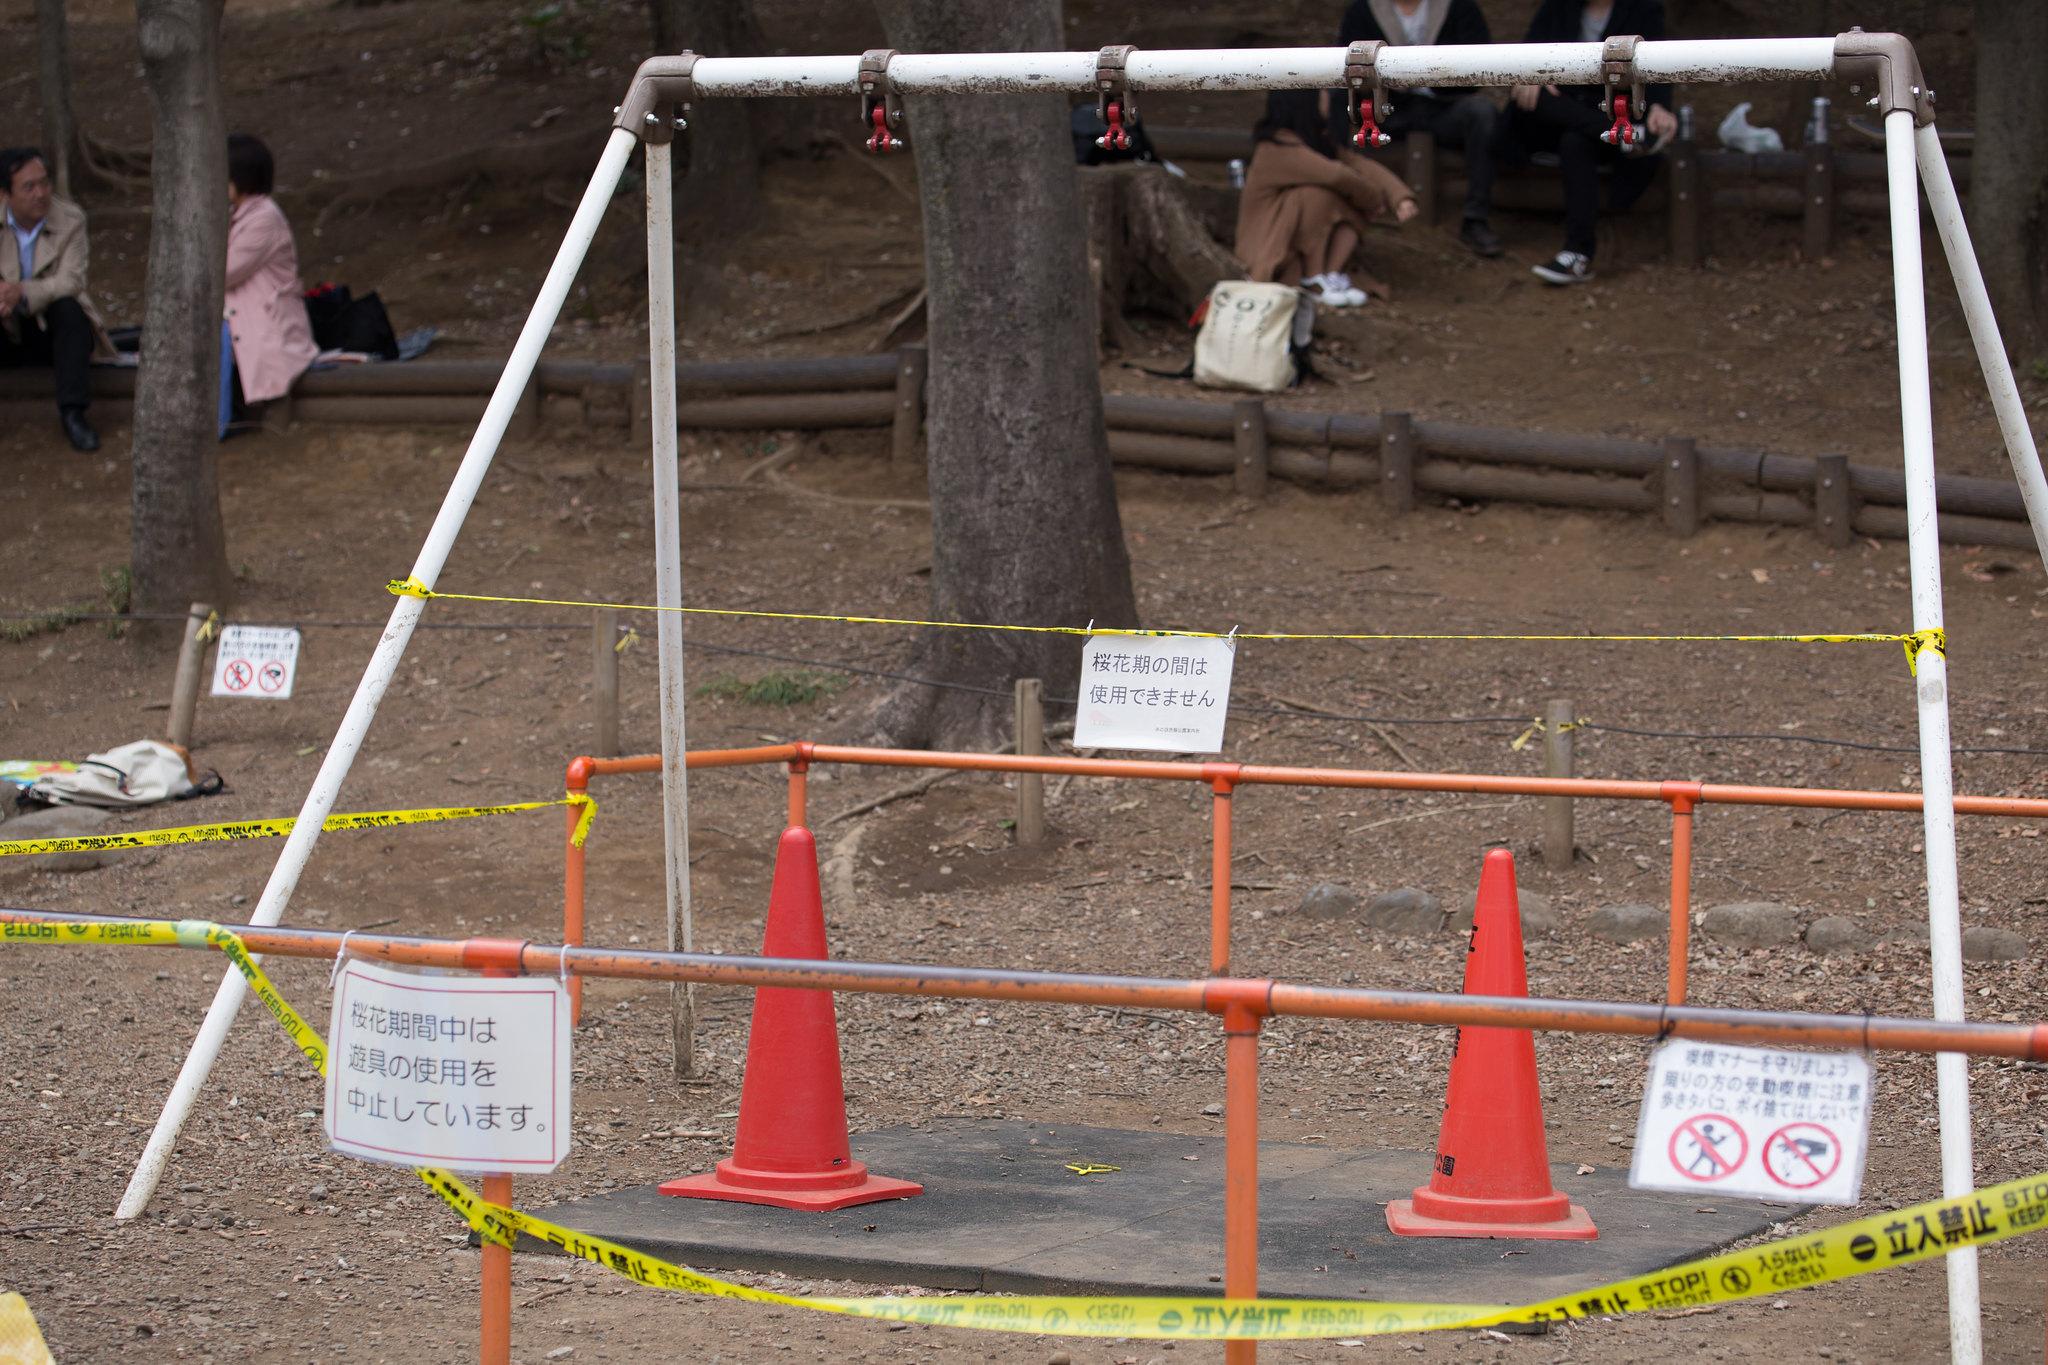 2016-04-01 井の頭公園 001-8